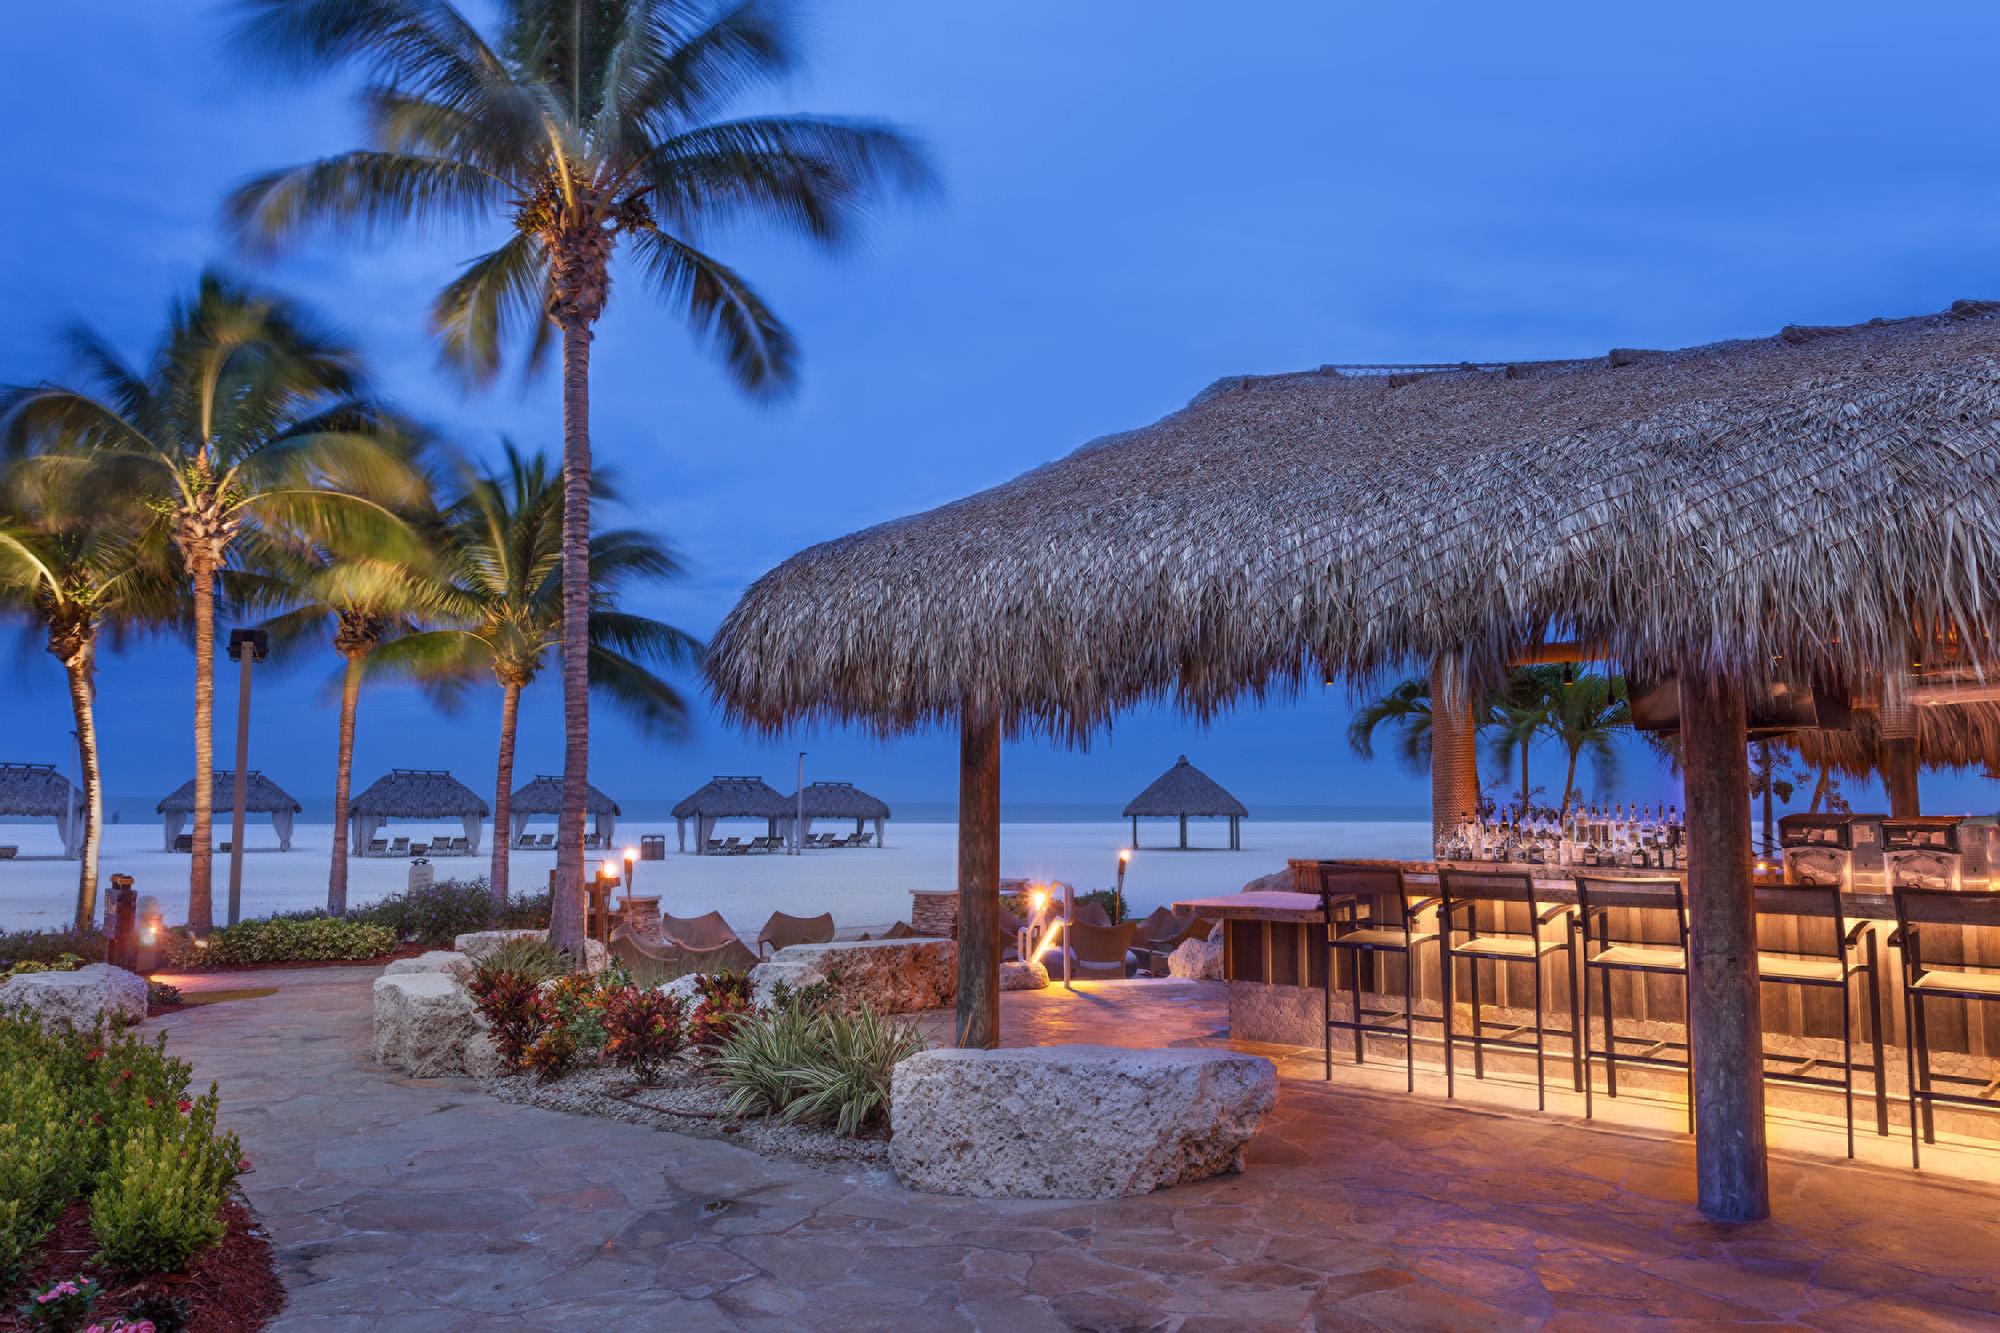 Eoa Design Tower Jw Marriott Beach Resort